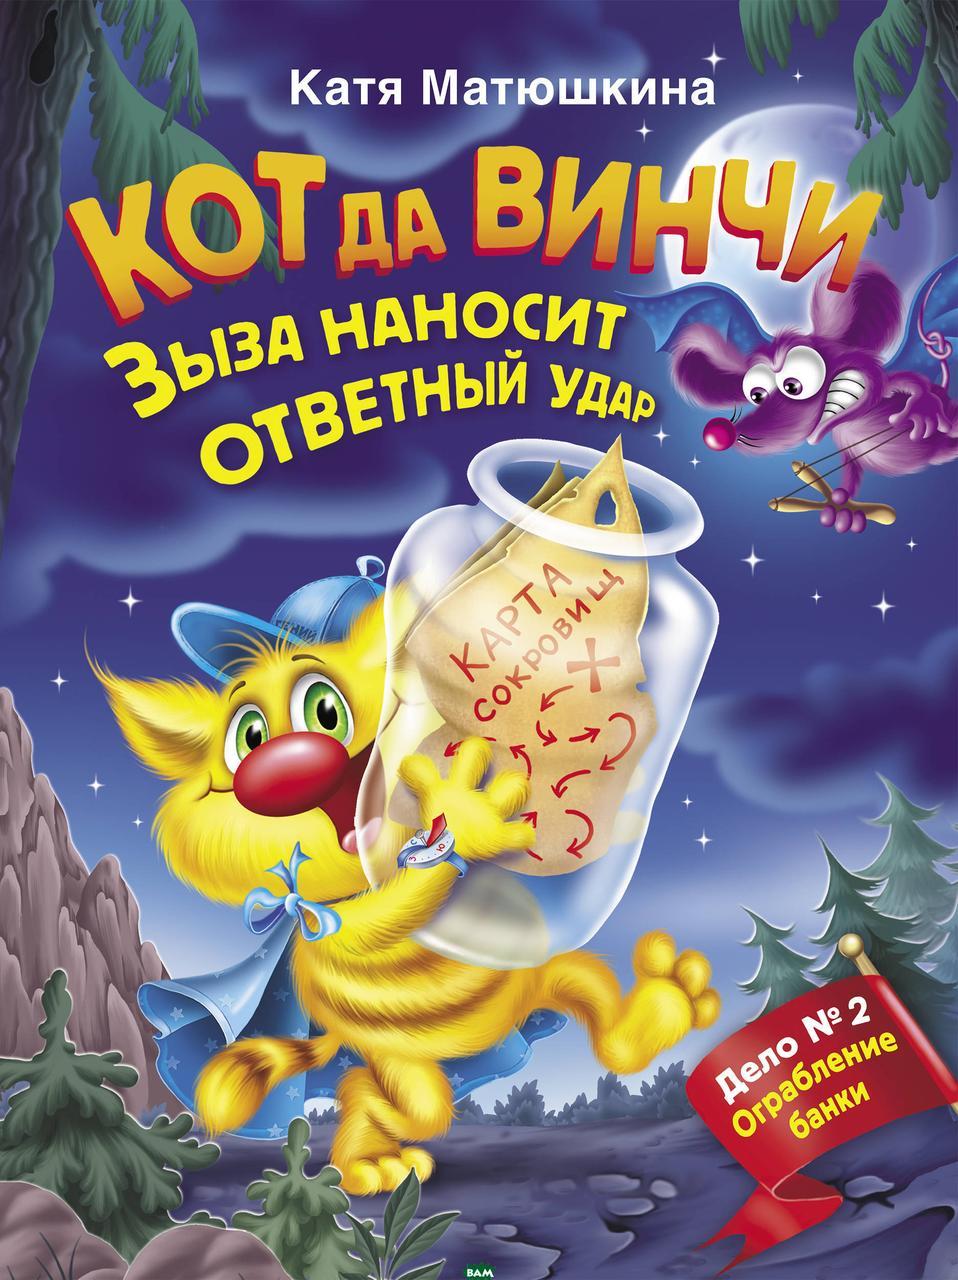 Катя Матюшкина Кот да Винчи. Зыза наносит ответный удар